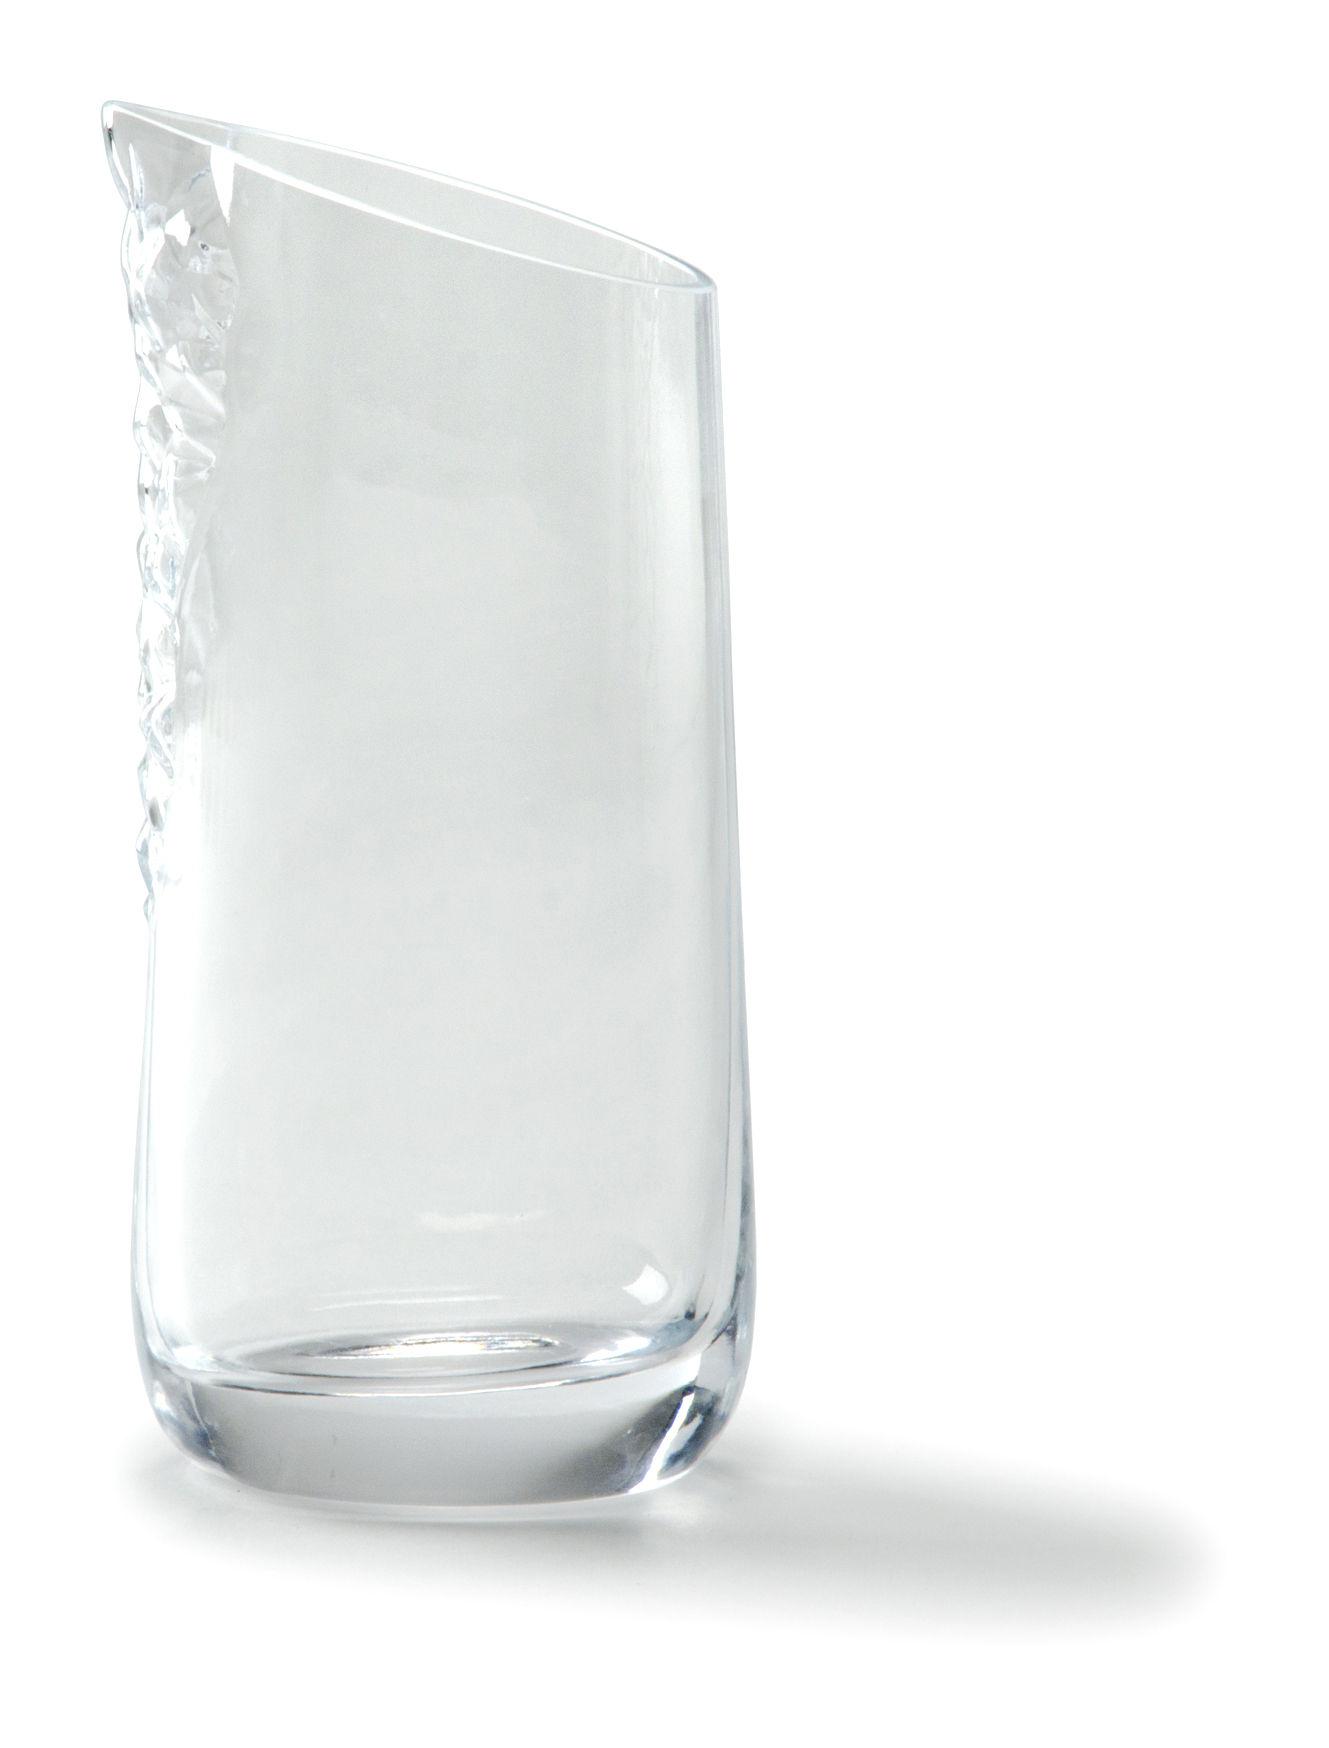 Tavola - Caraffe e Decantatori - Caraffa Minera - 1 L di Petite Friture - Trasparente - Vetro